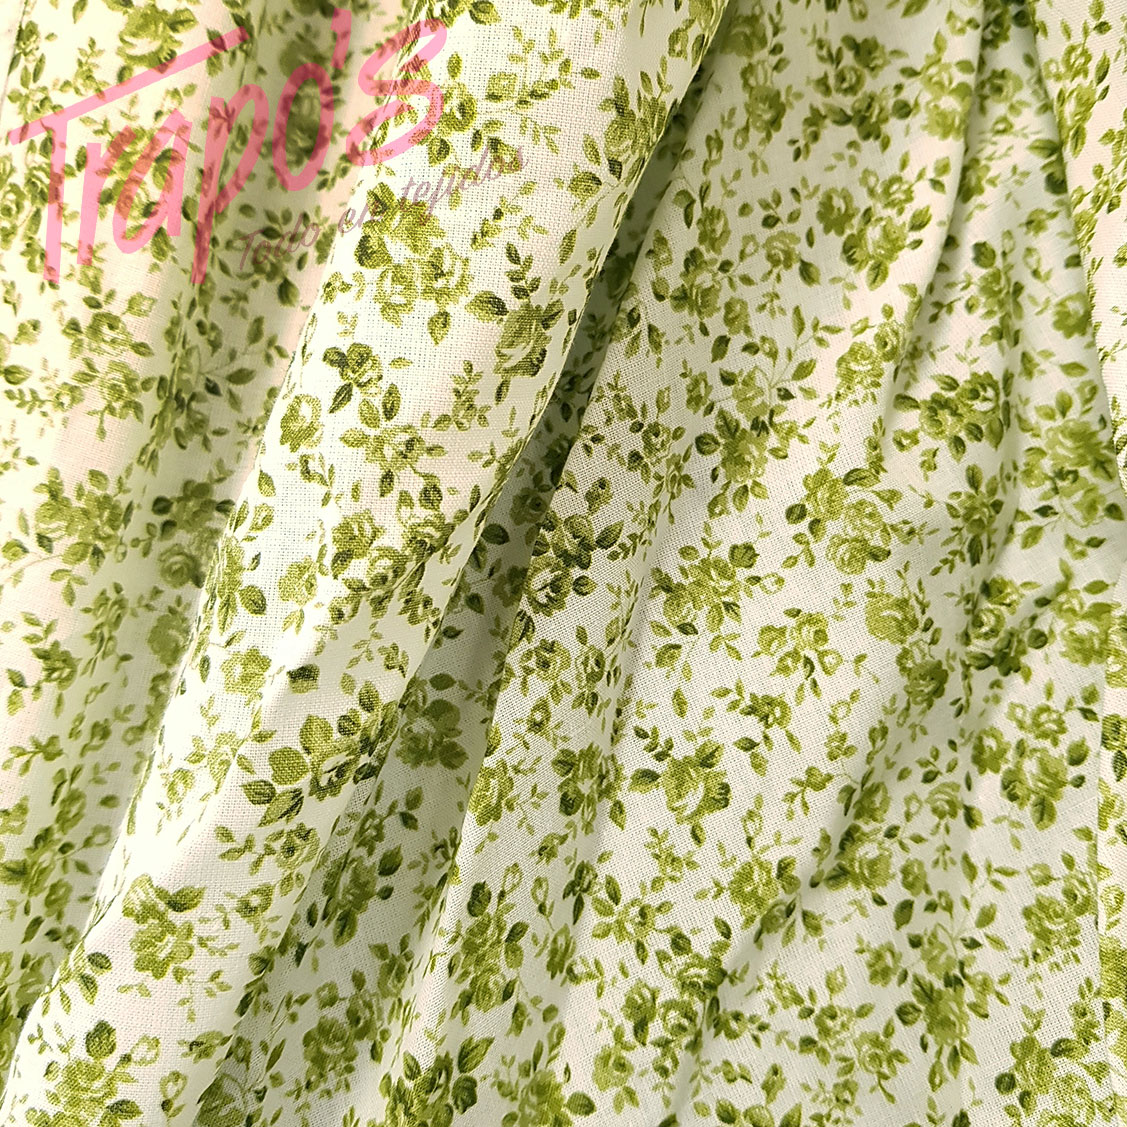 flores-pistacho